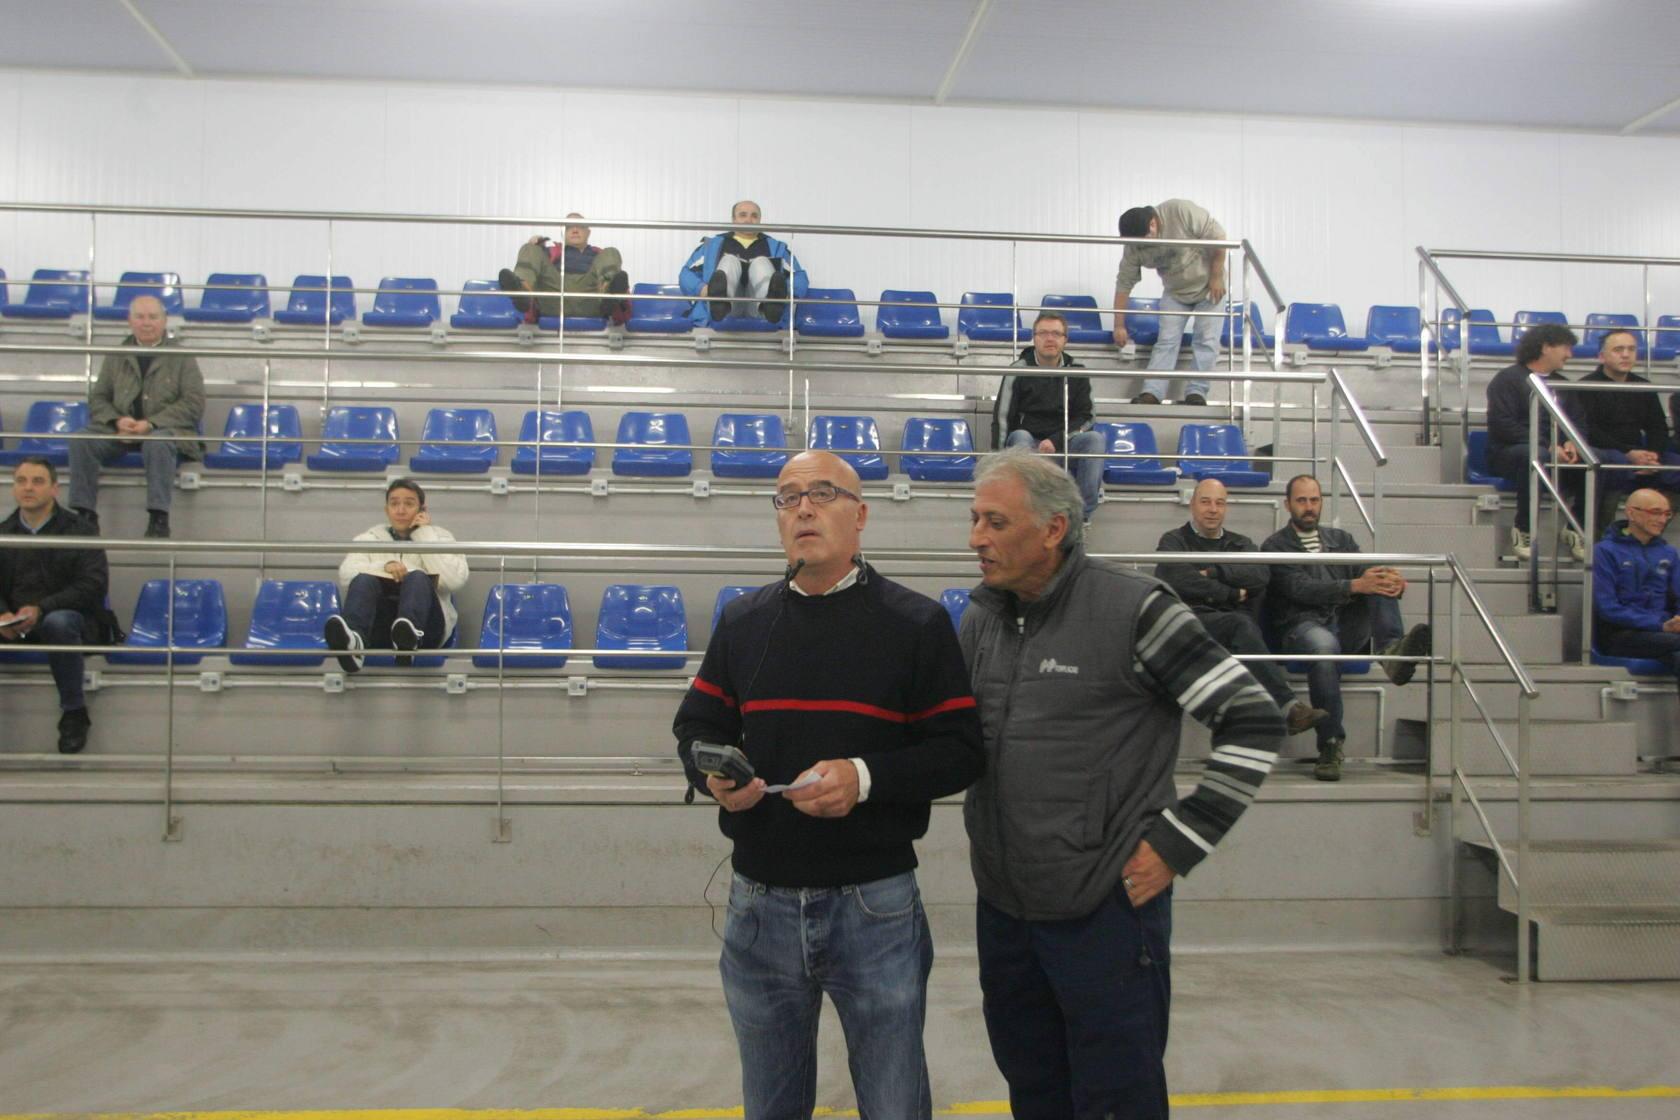 La primera subasta de bonito de 2013 en Gijón